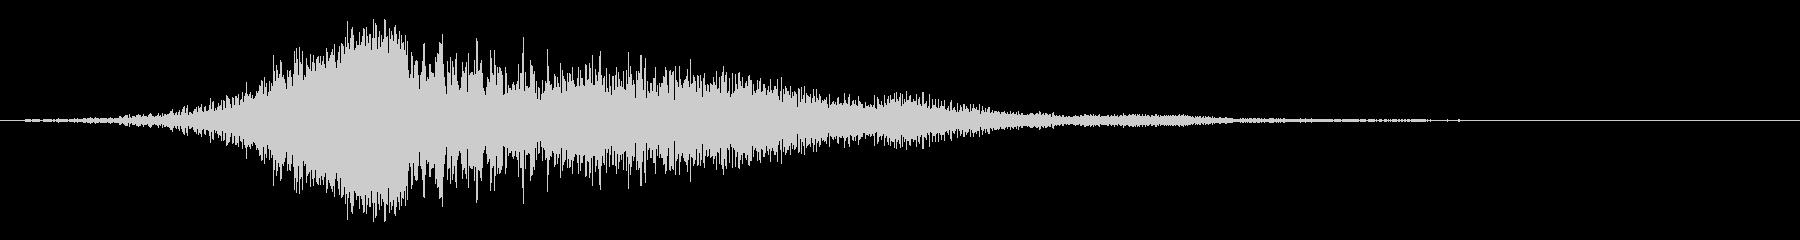 どーん:ハイブリット音:オープニング3の未再生の波形